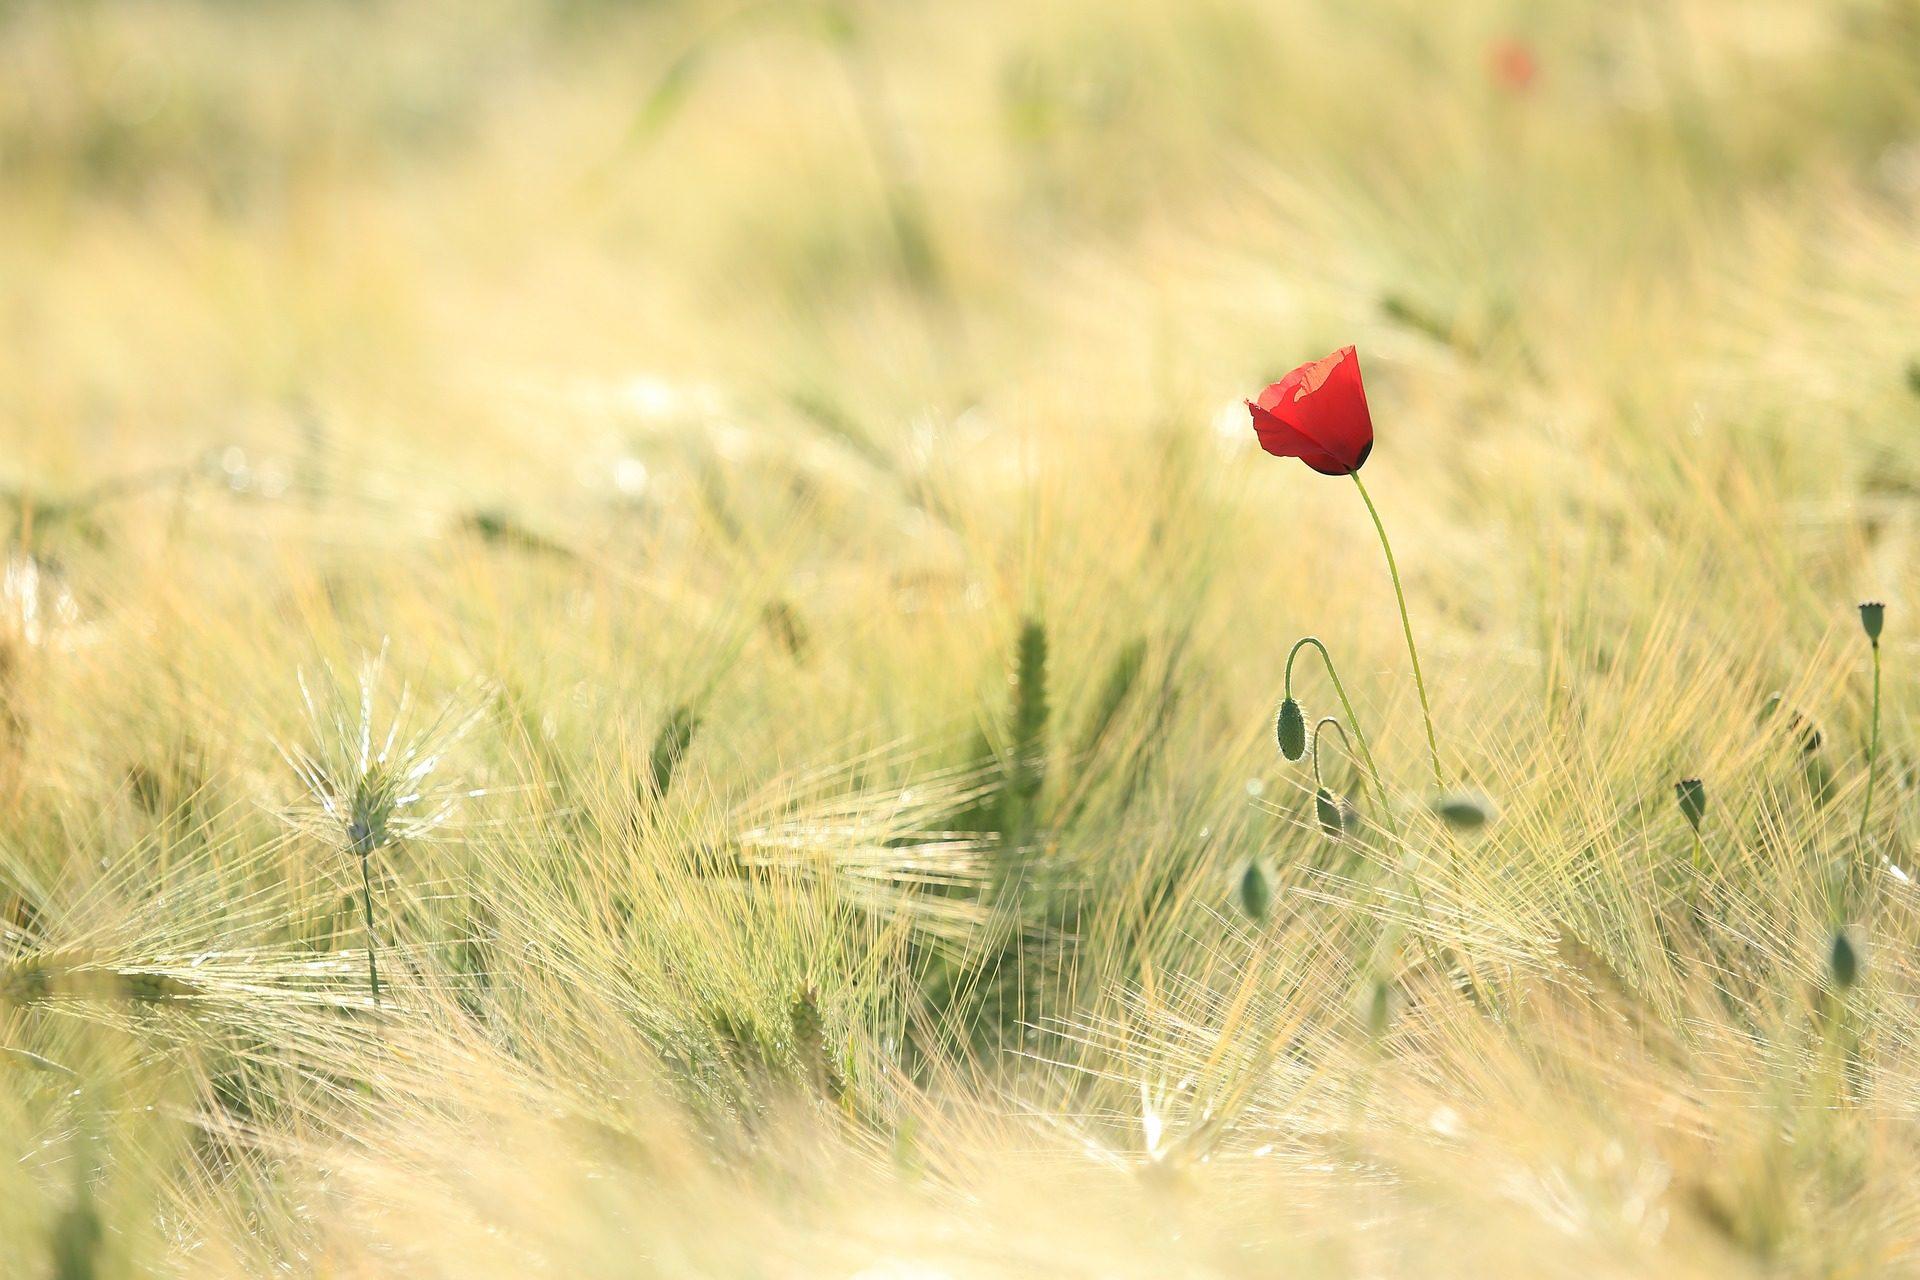 papavero, fiore, campo, piante, cereali - Sfondi HD - Professor-falken.com